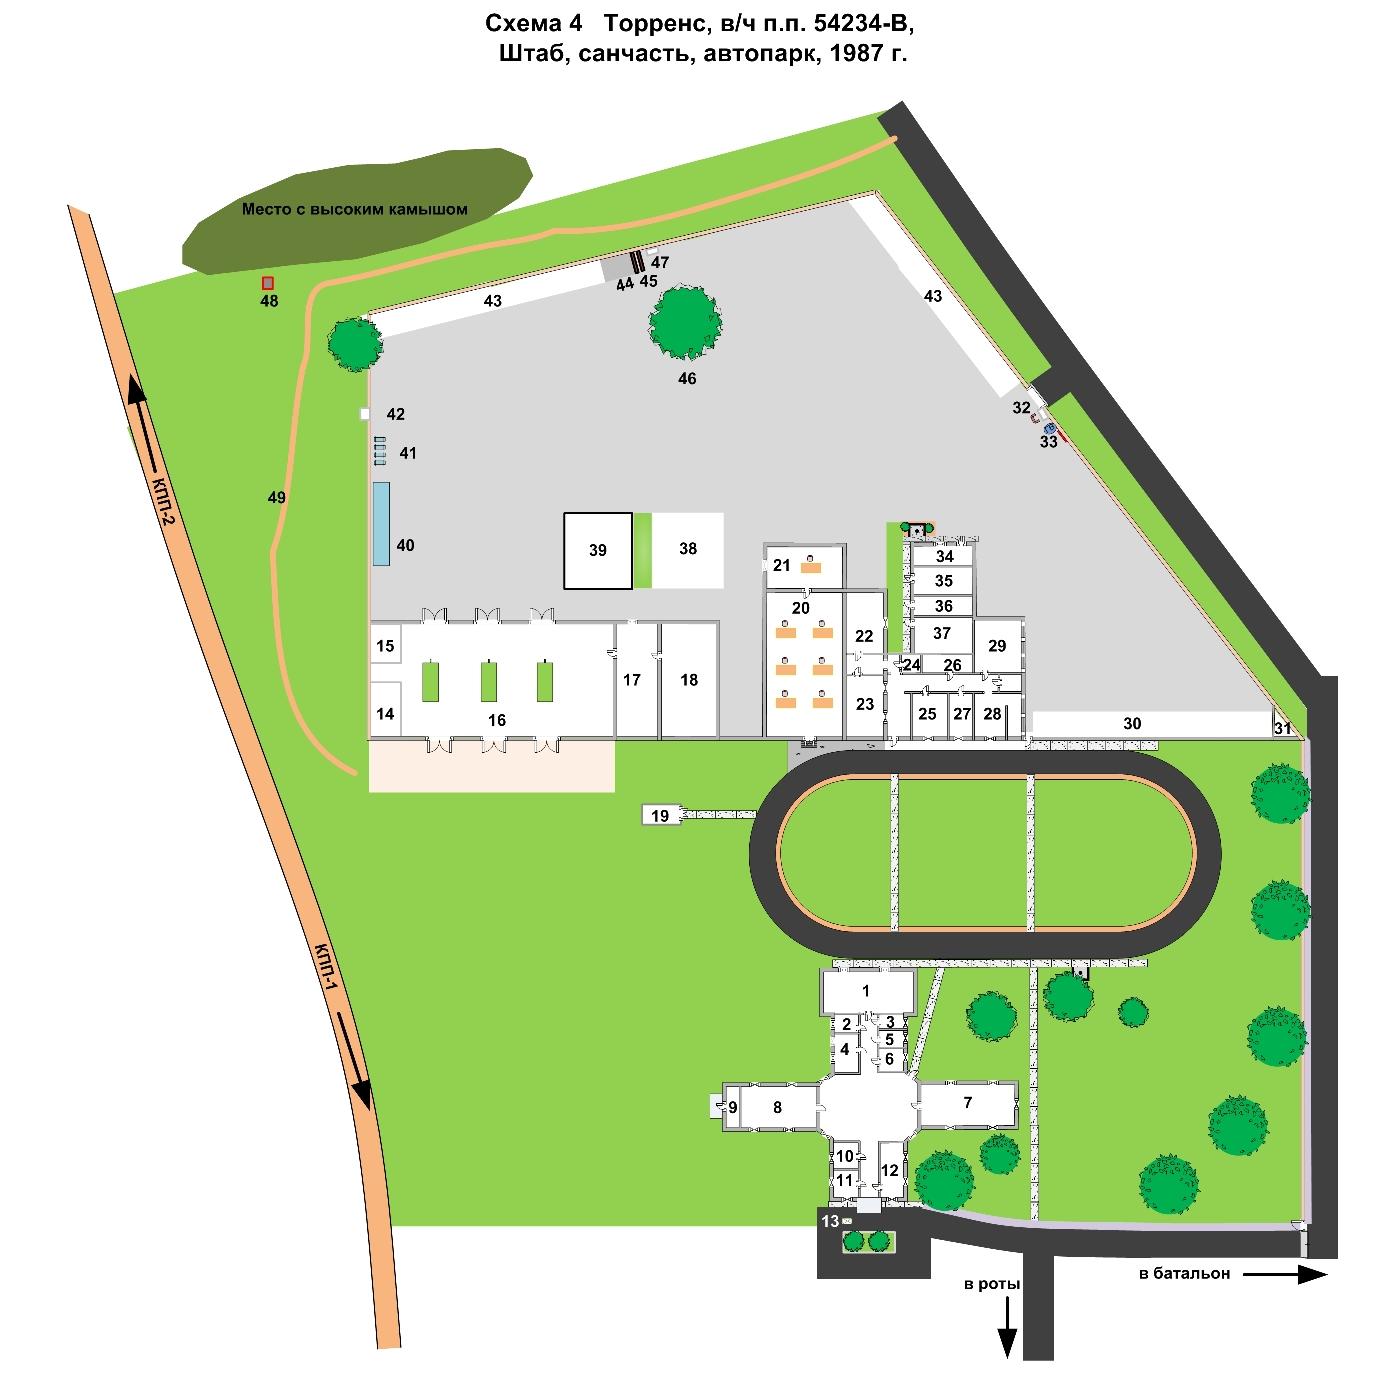 В/ч п.п. 54234-В. Санитарная часть (1984–1993)